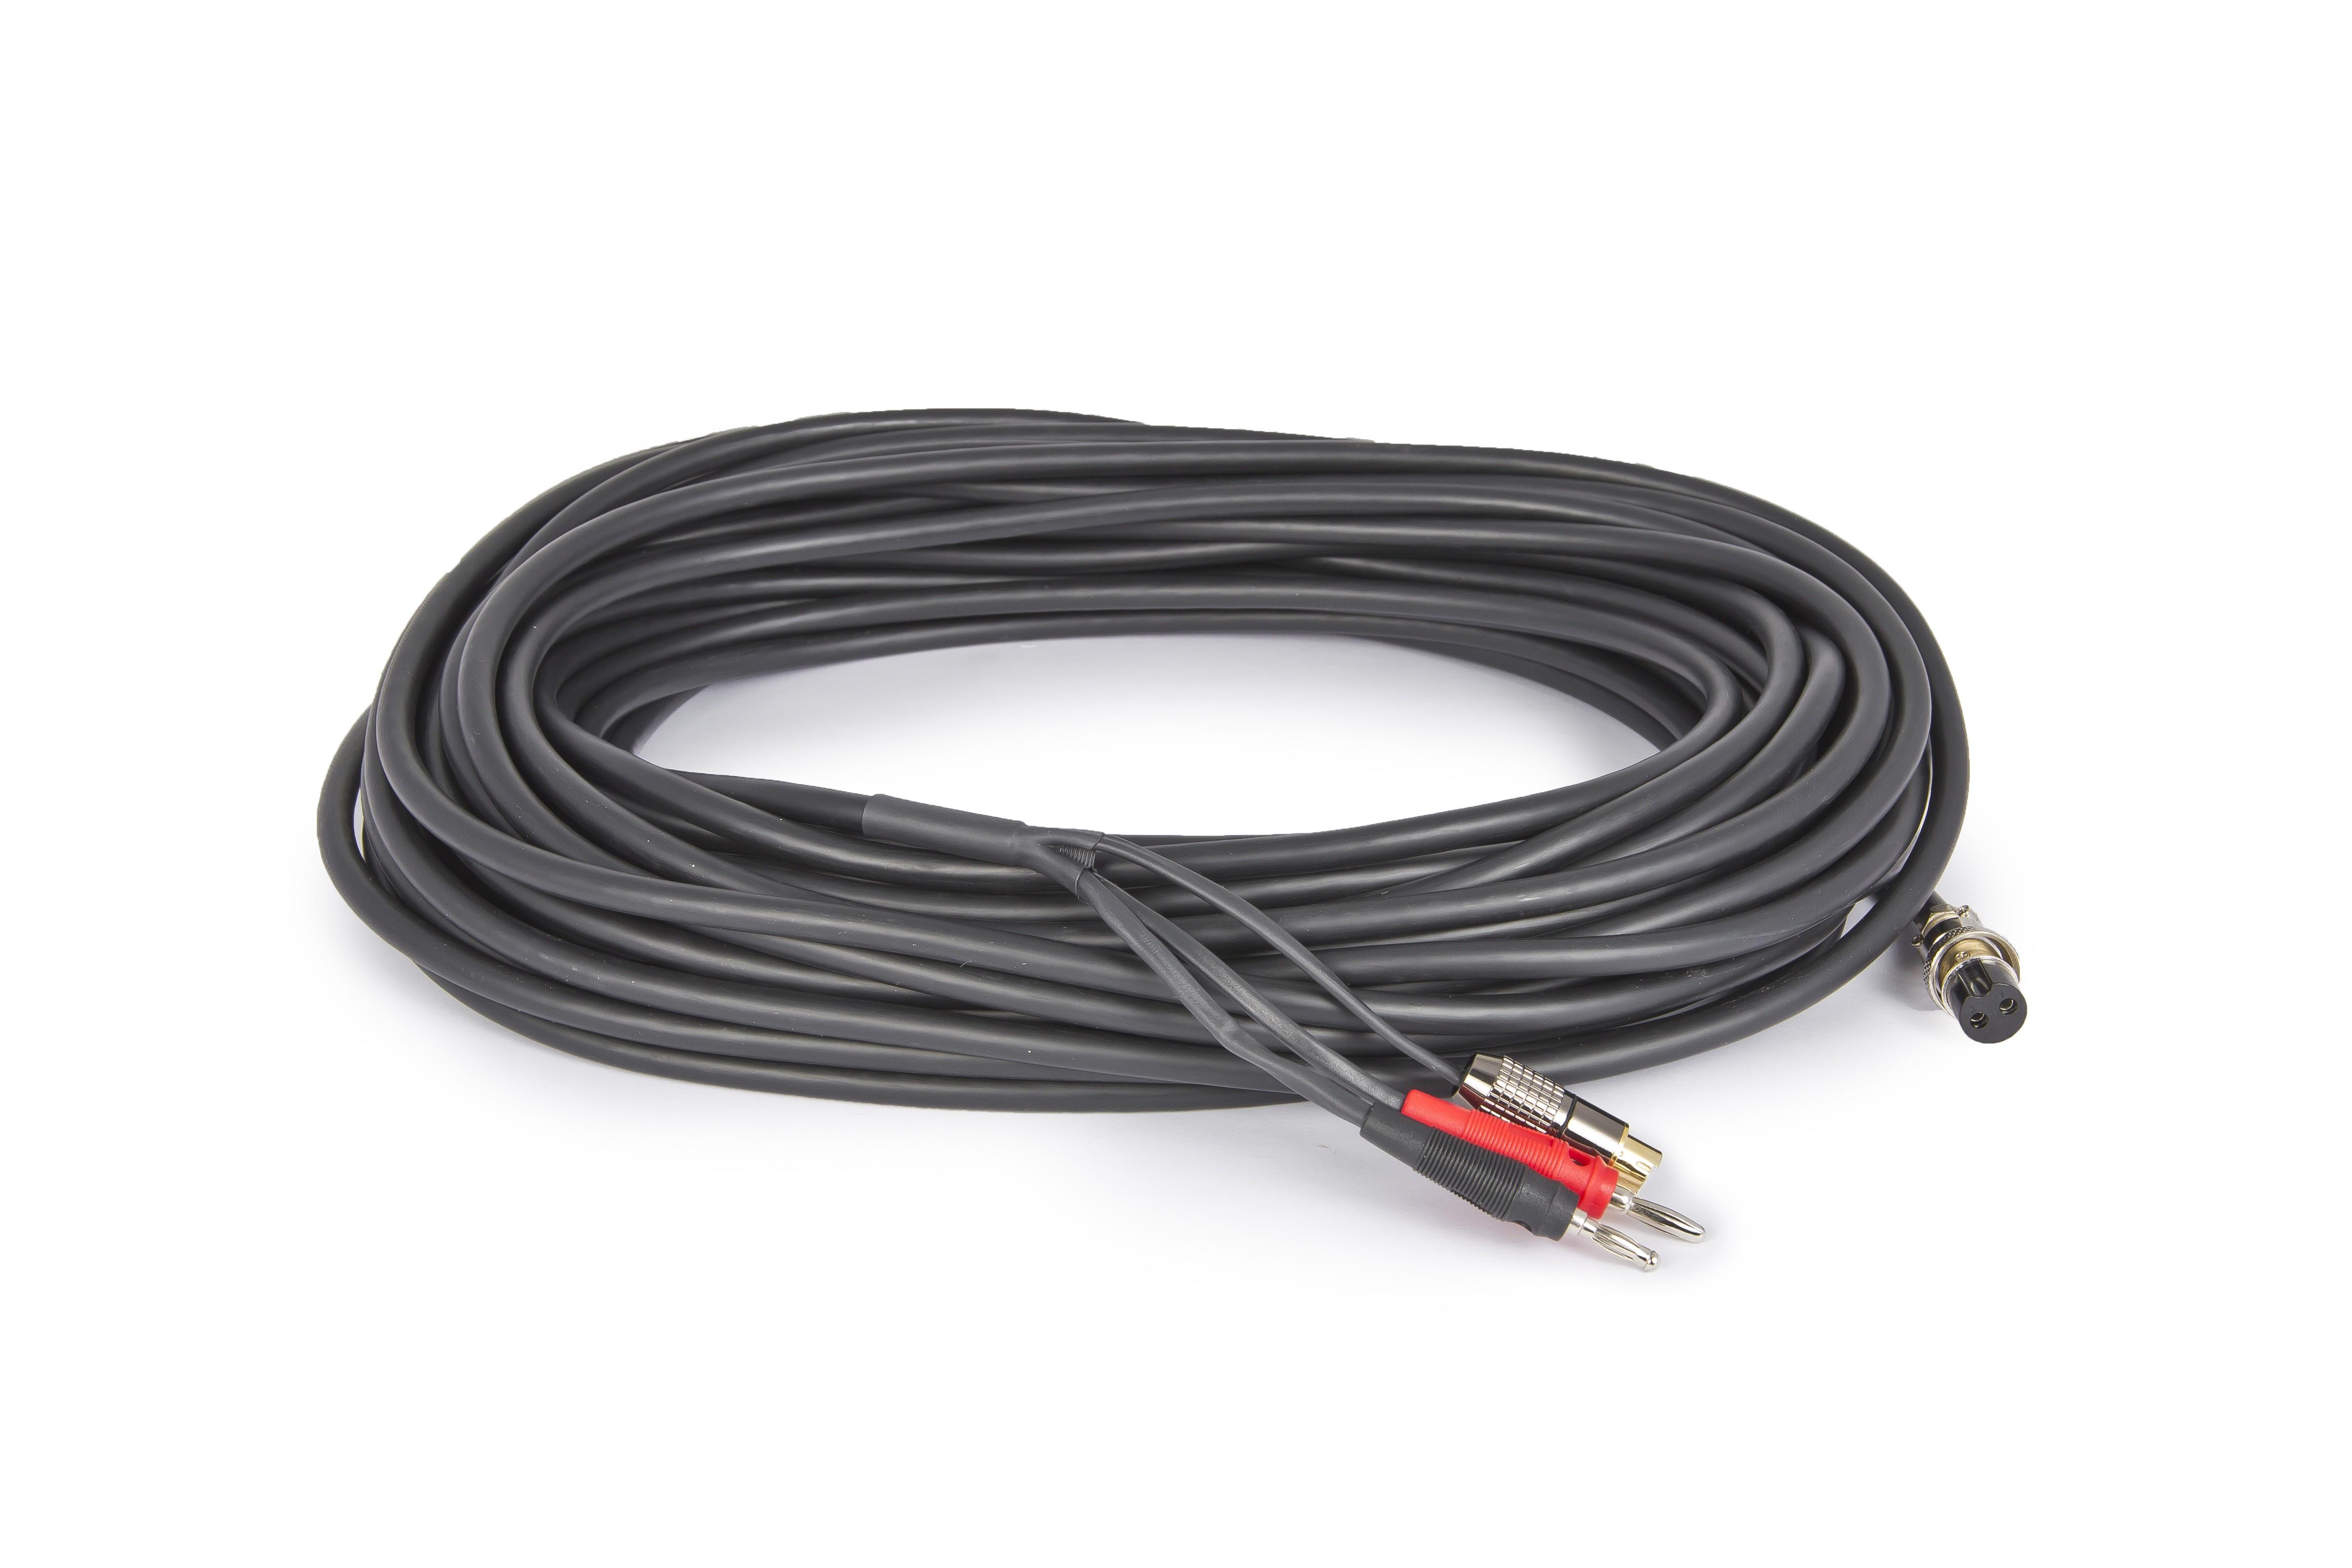 Stromversorgungs- und Sensorkabel, 5m oder 10m